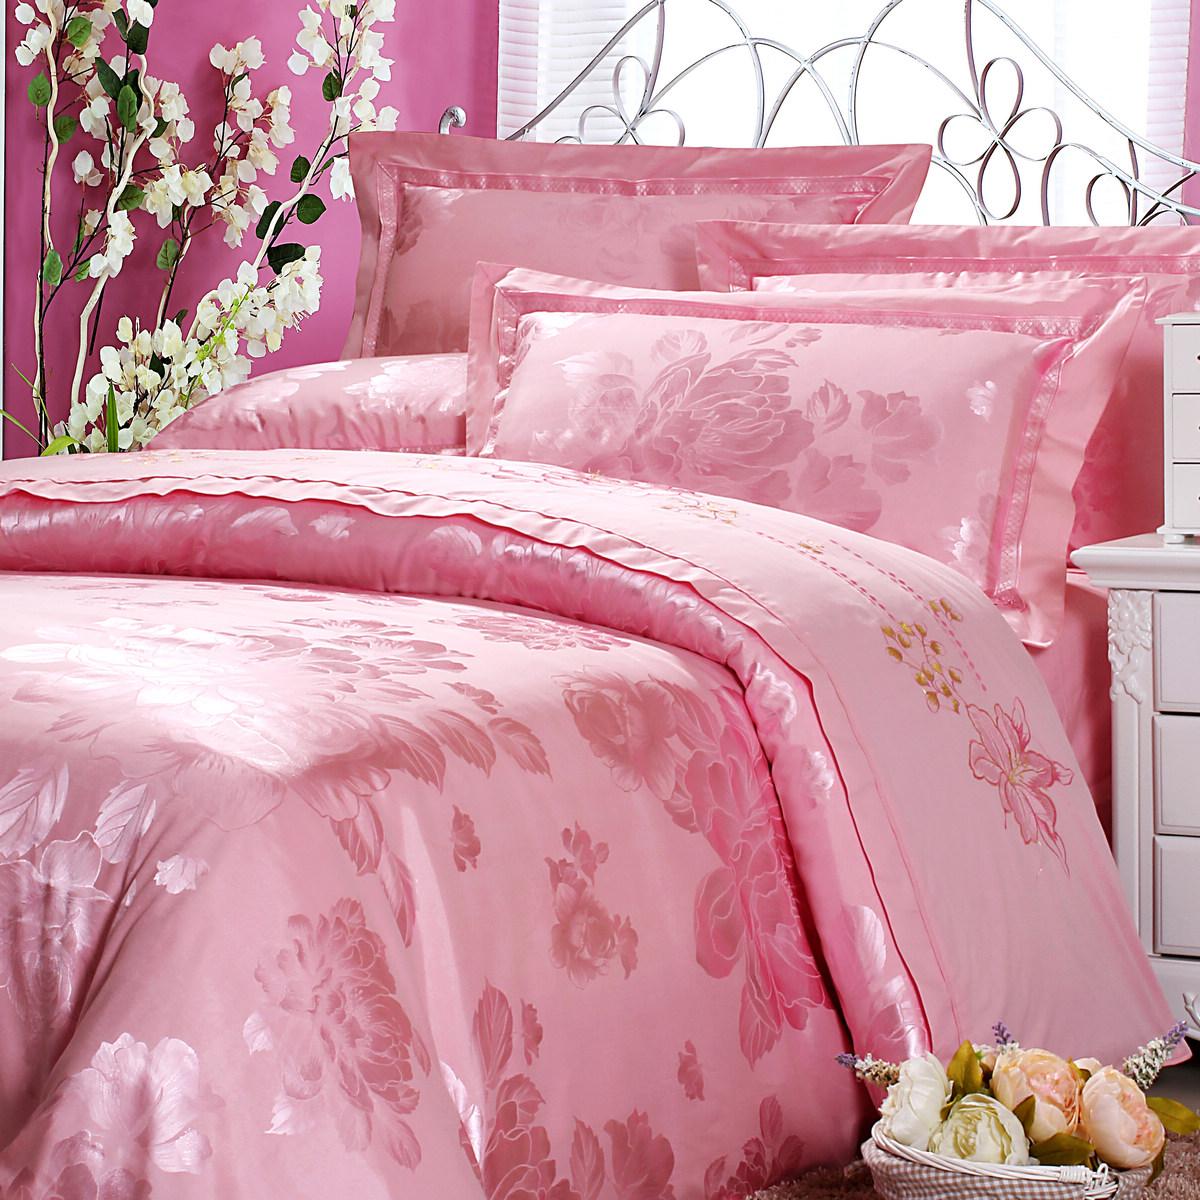 向上家纺 婚庆套件 贡缎大提花婚庆四件套 粉红色 婚庆床品 大红